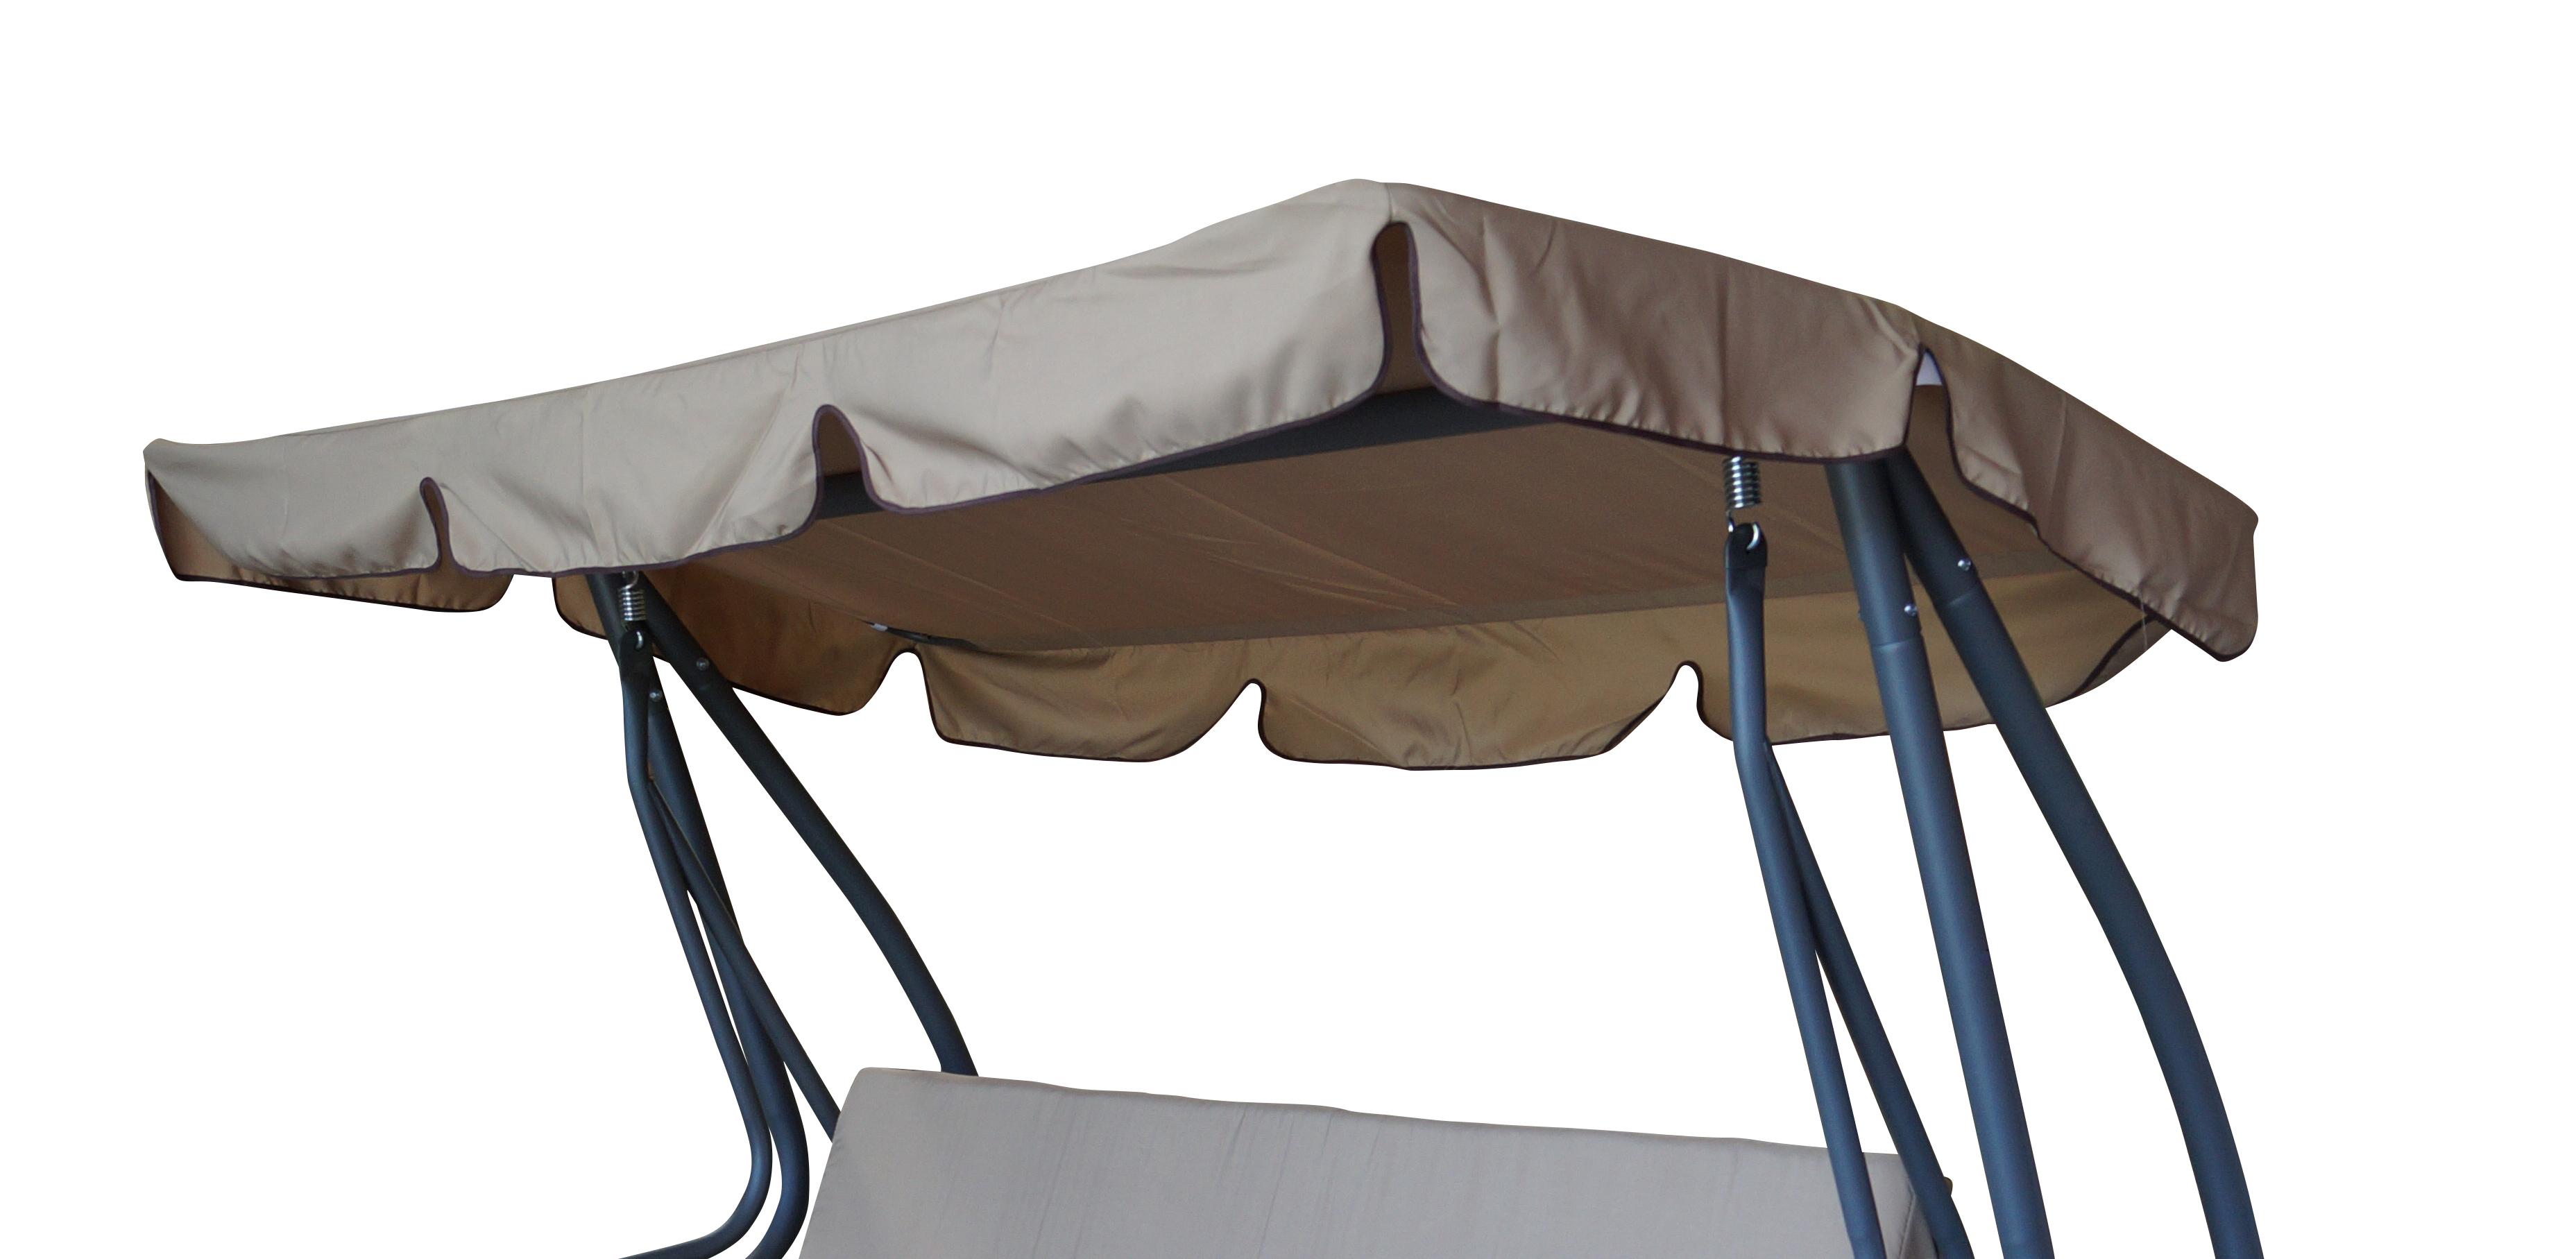 Dachplane für Hollywoodschaukel 193x113cm, cremefarben